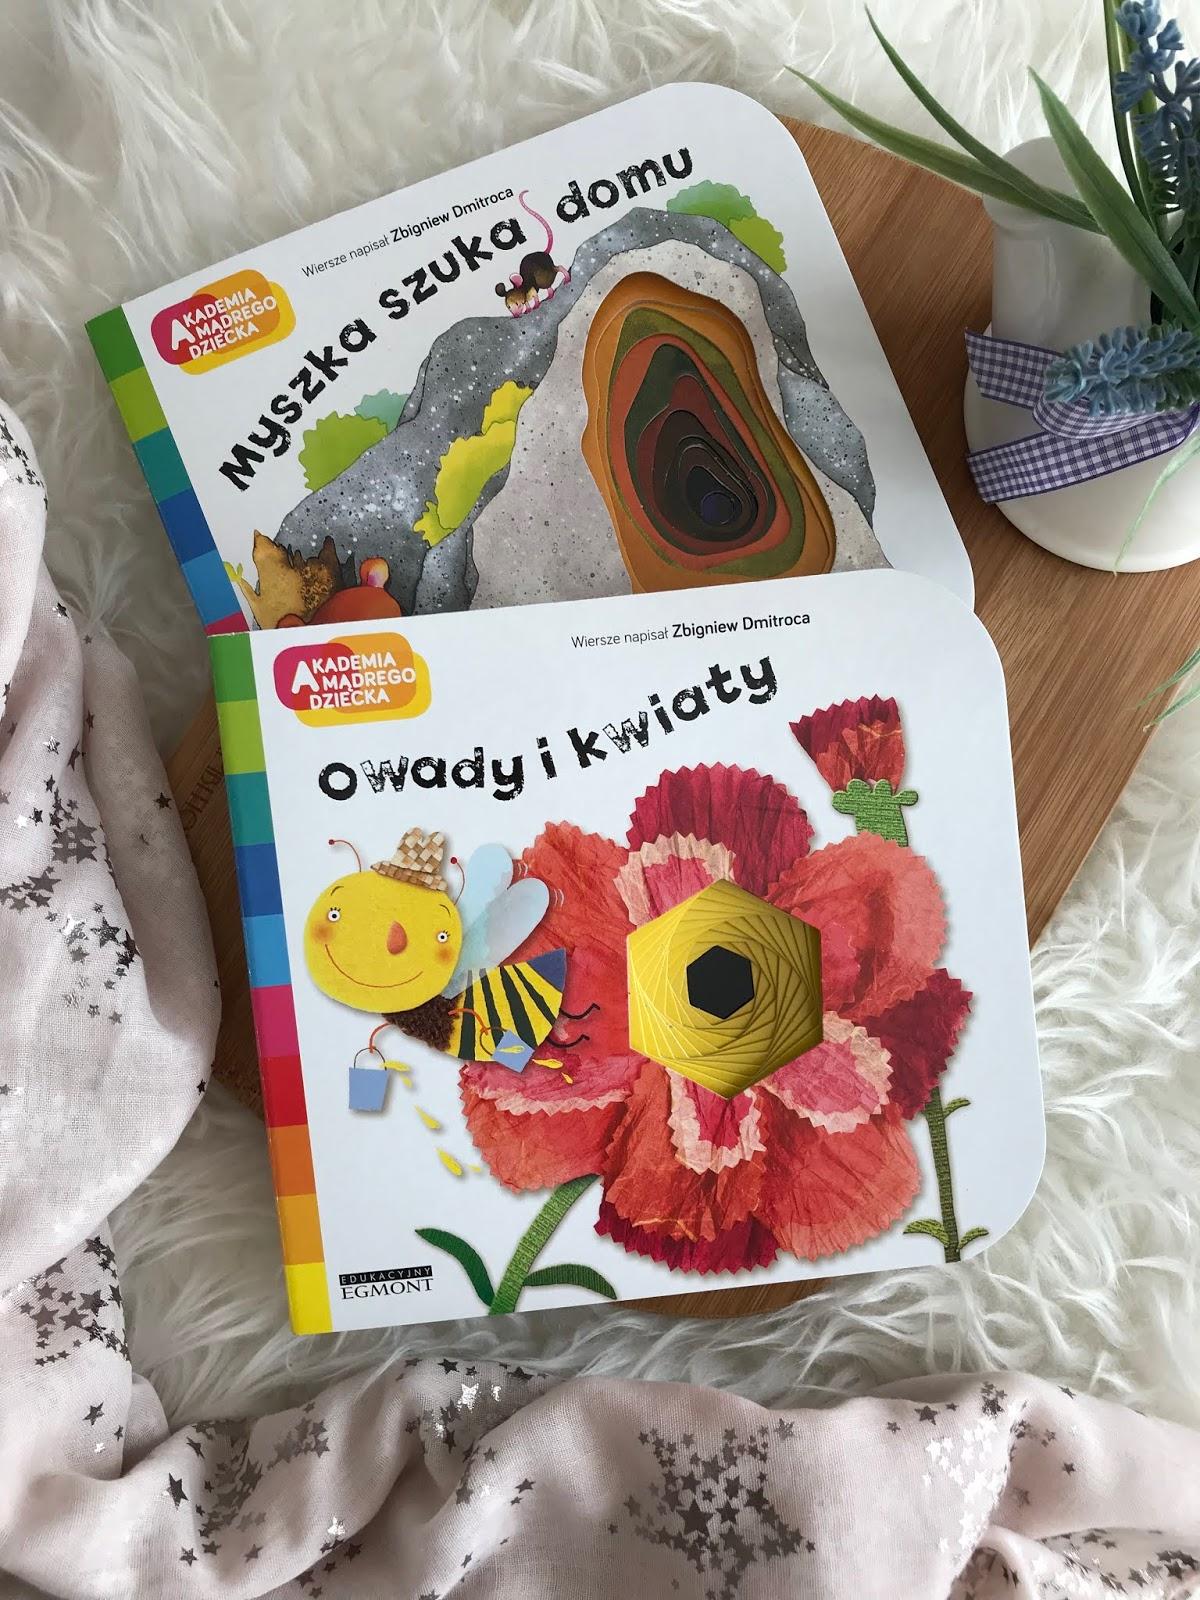 Akademia Mądrego Dziecka - Owady i kwiaty, Myszka szuka domu